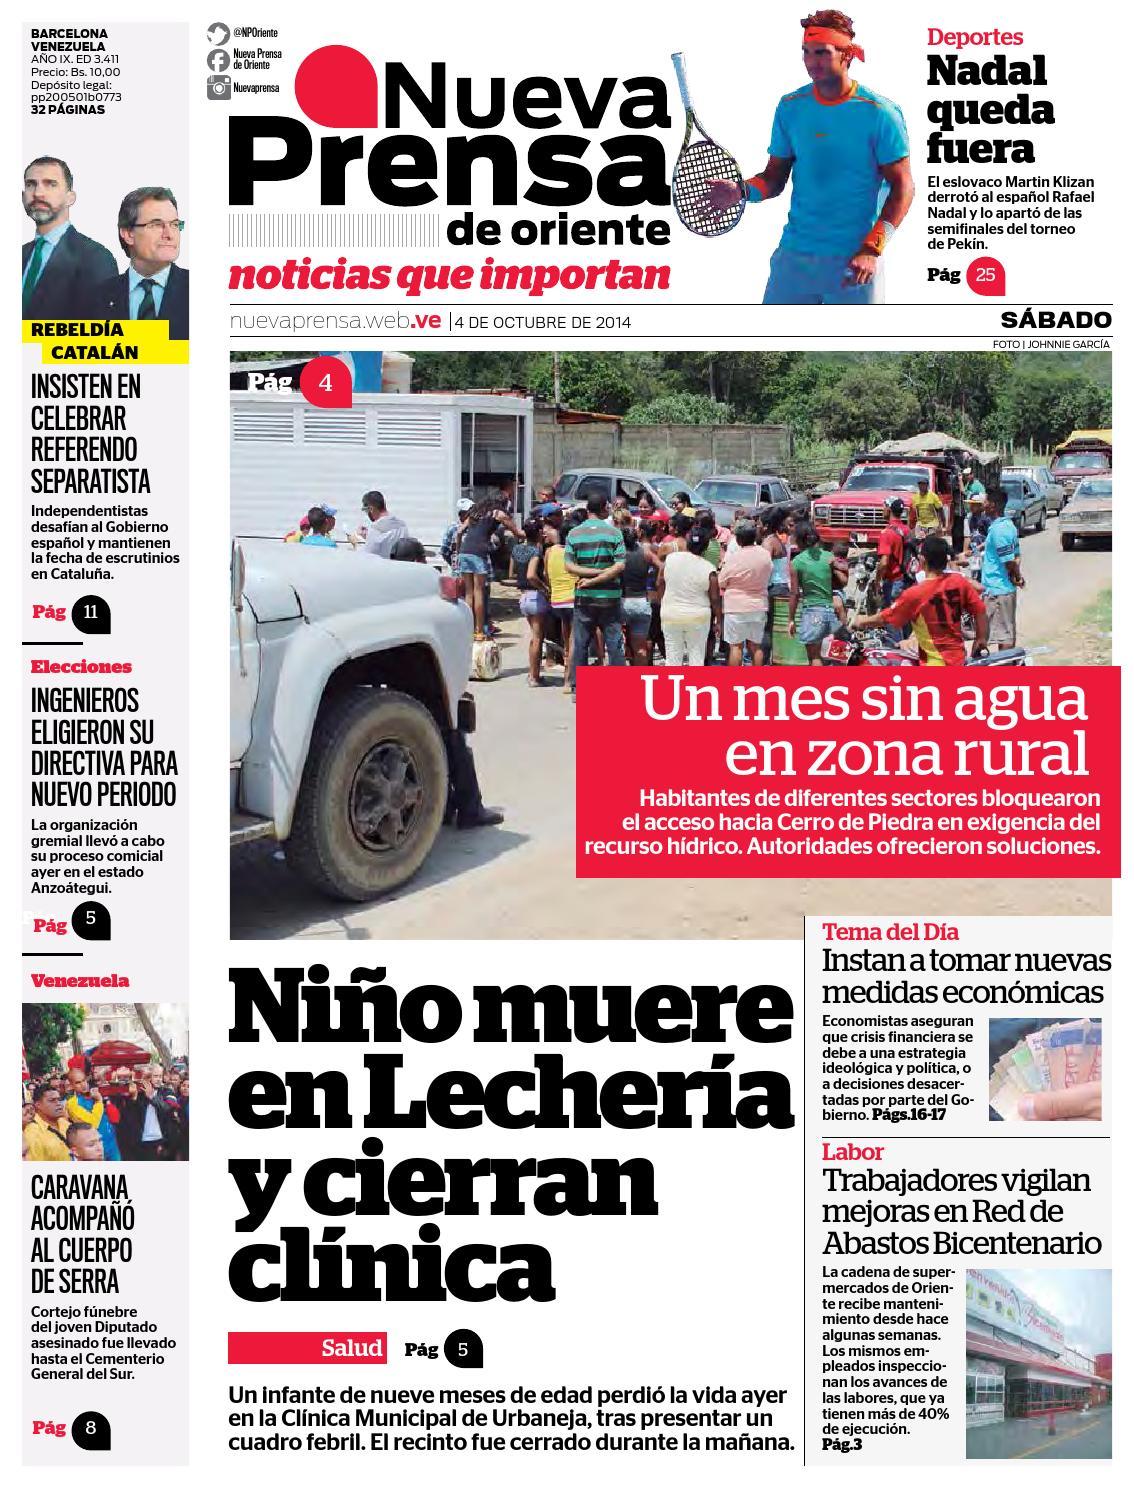 04 DE OCTUBRE DE 2014 by Nueva Prensa de Oriente - issuu